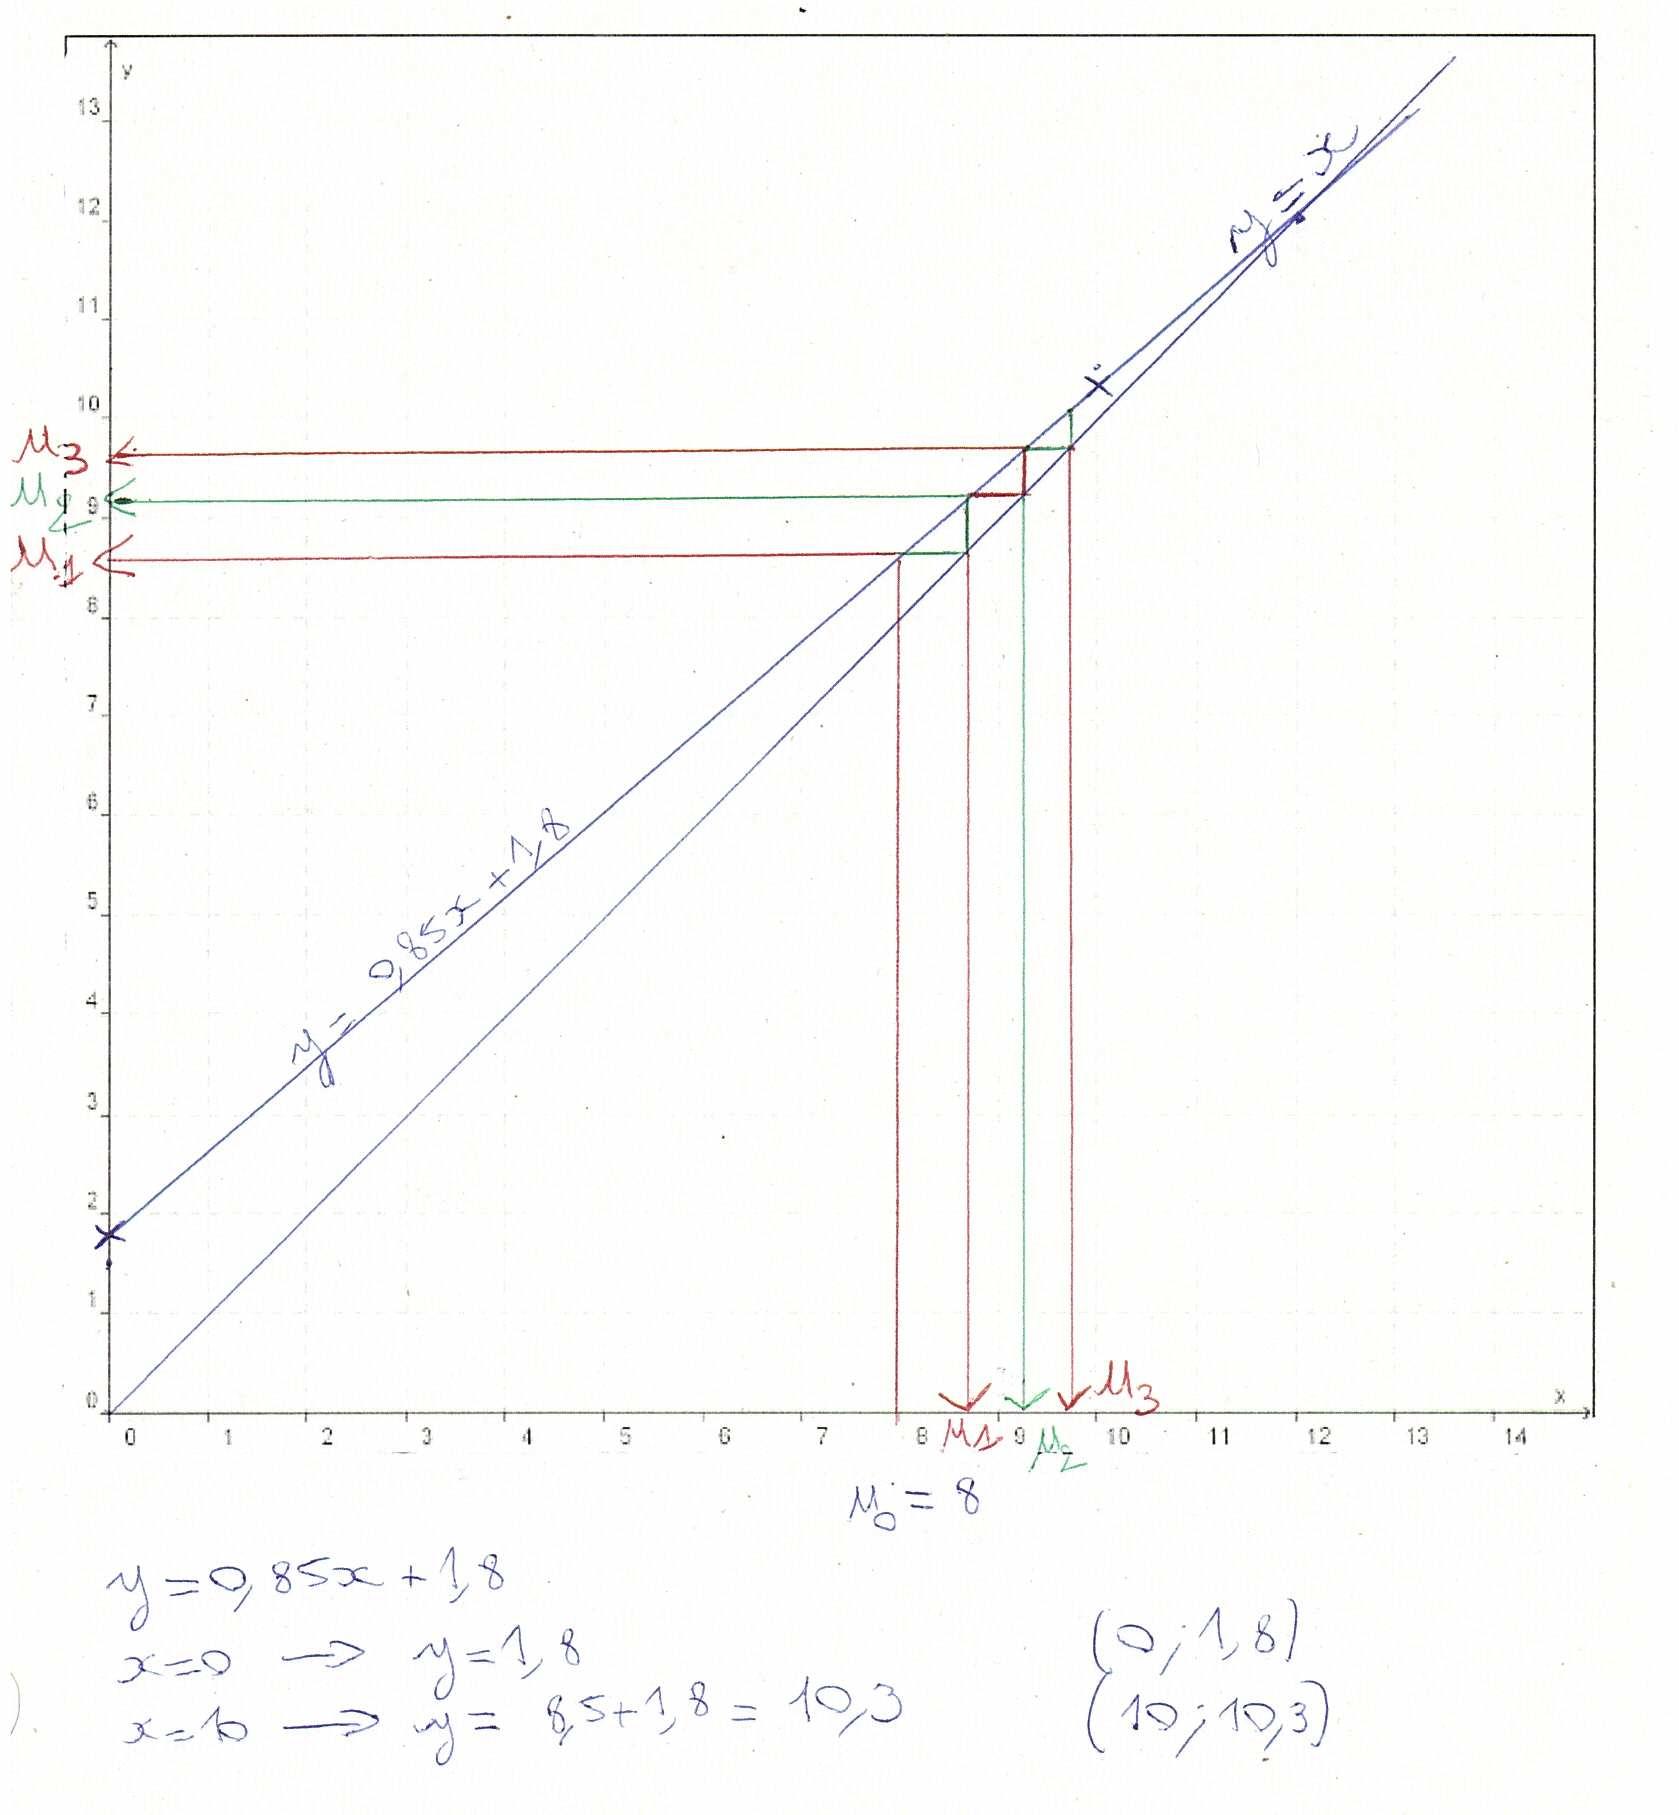 Droite y=x et droite de la suite récurrente avec premiers termes